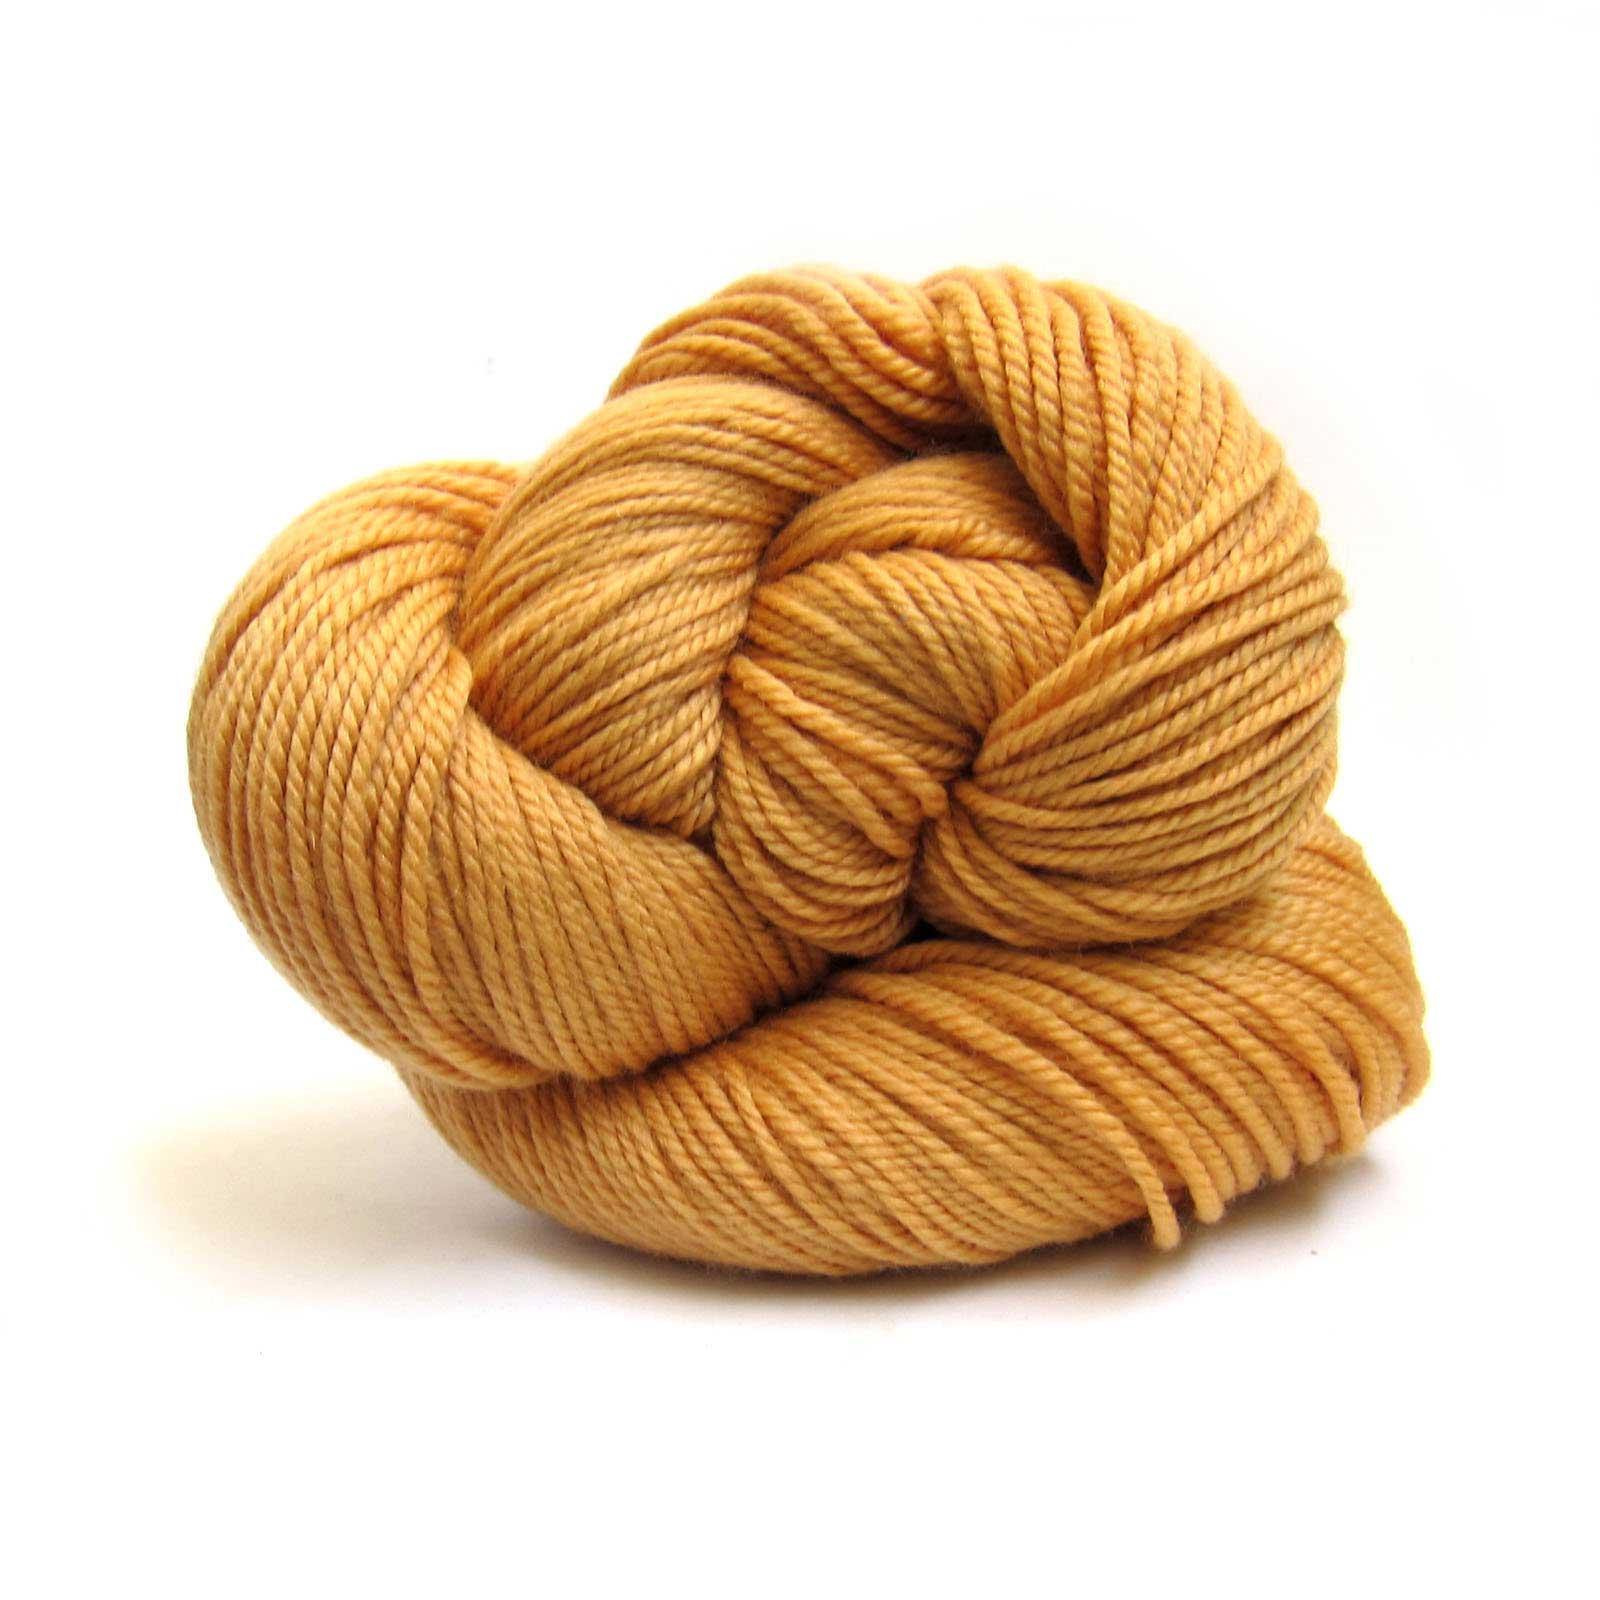 Straw Louet Gems 100% Merino Superwash Yarn